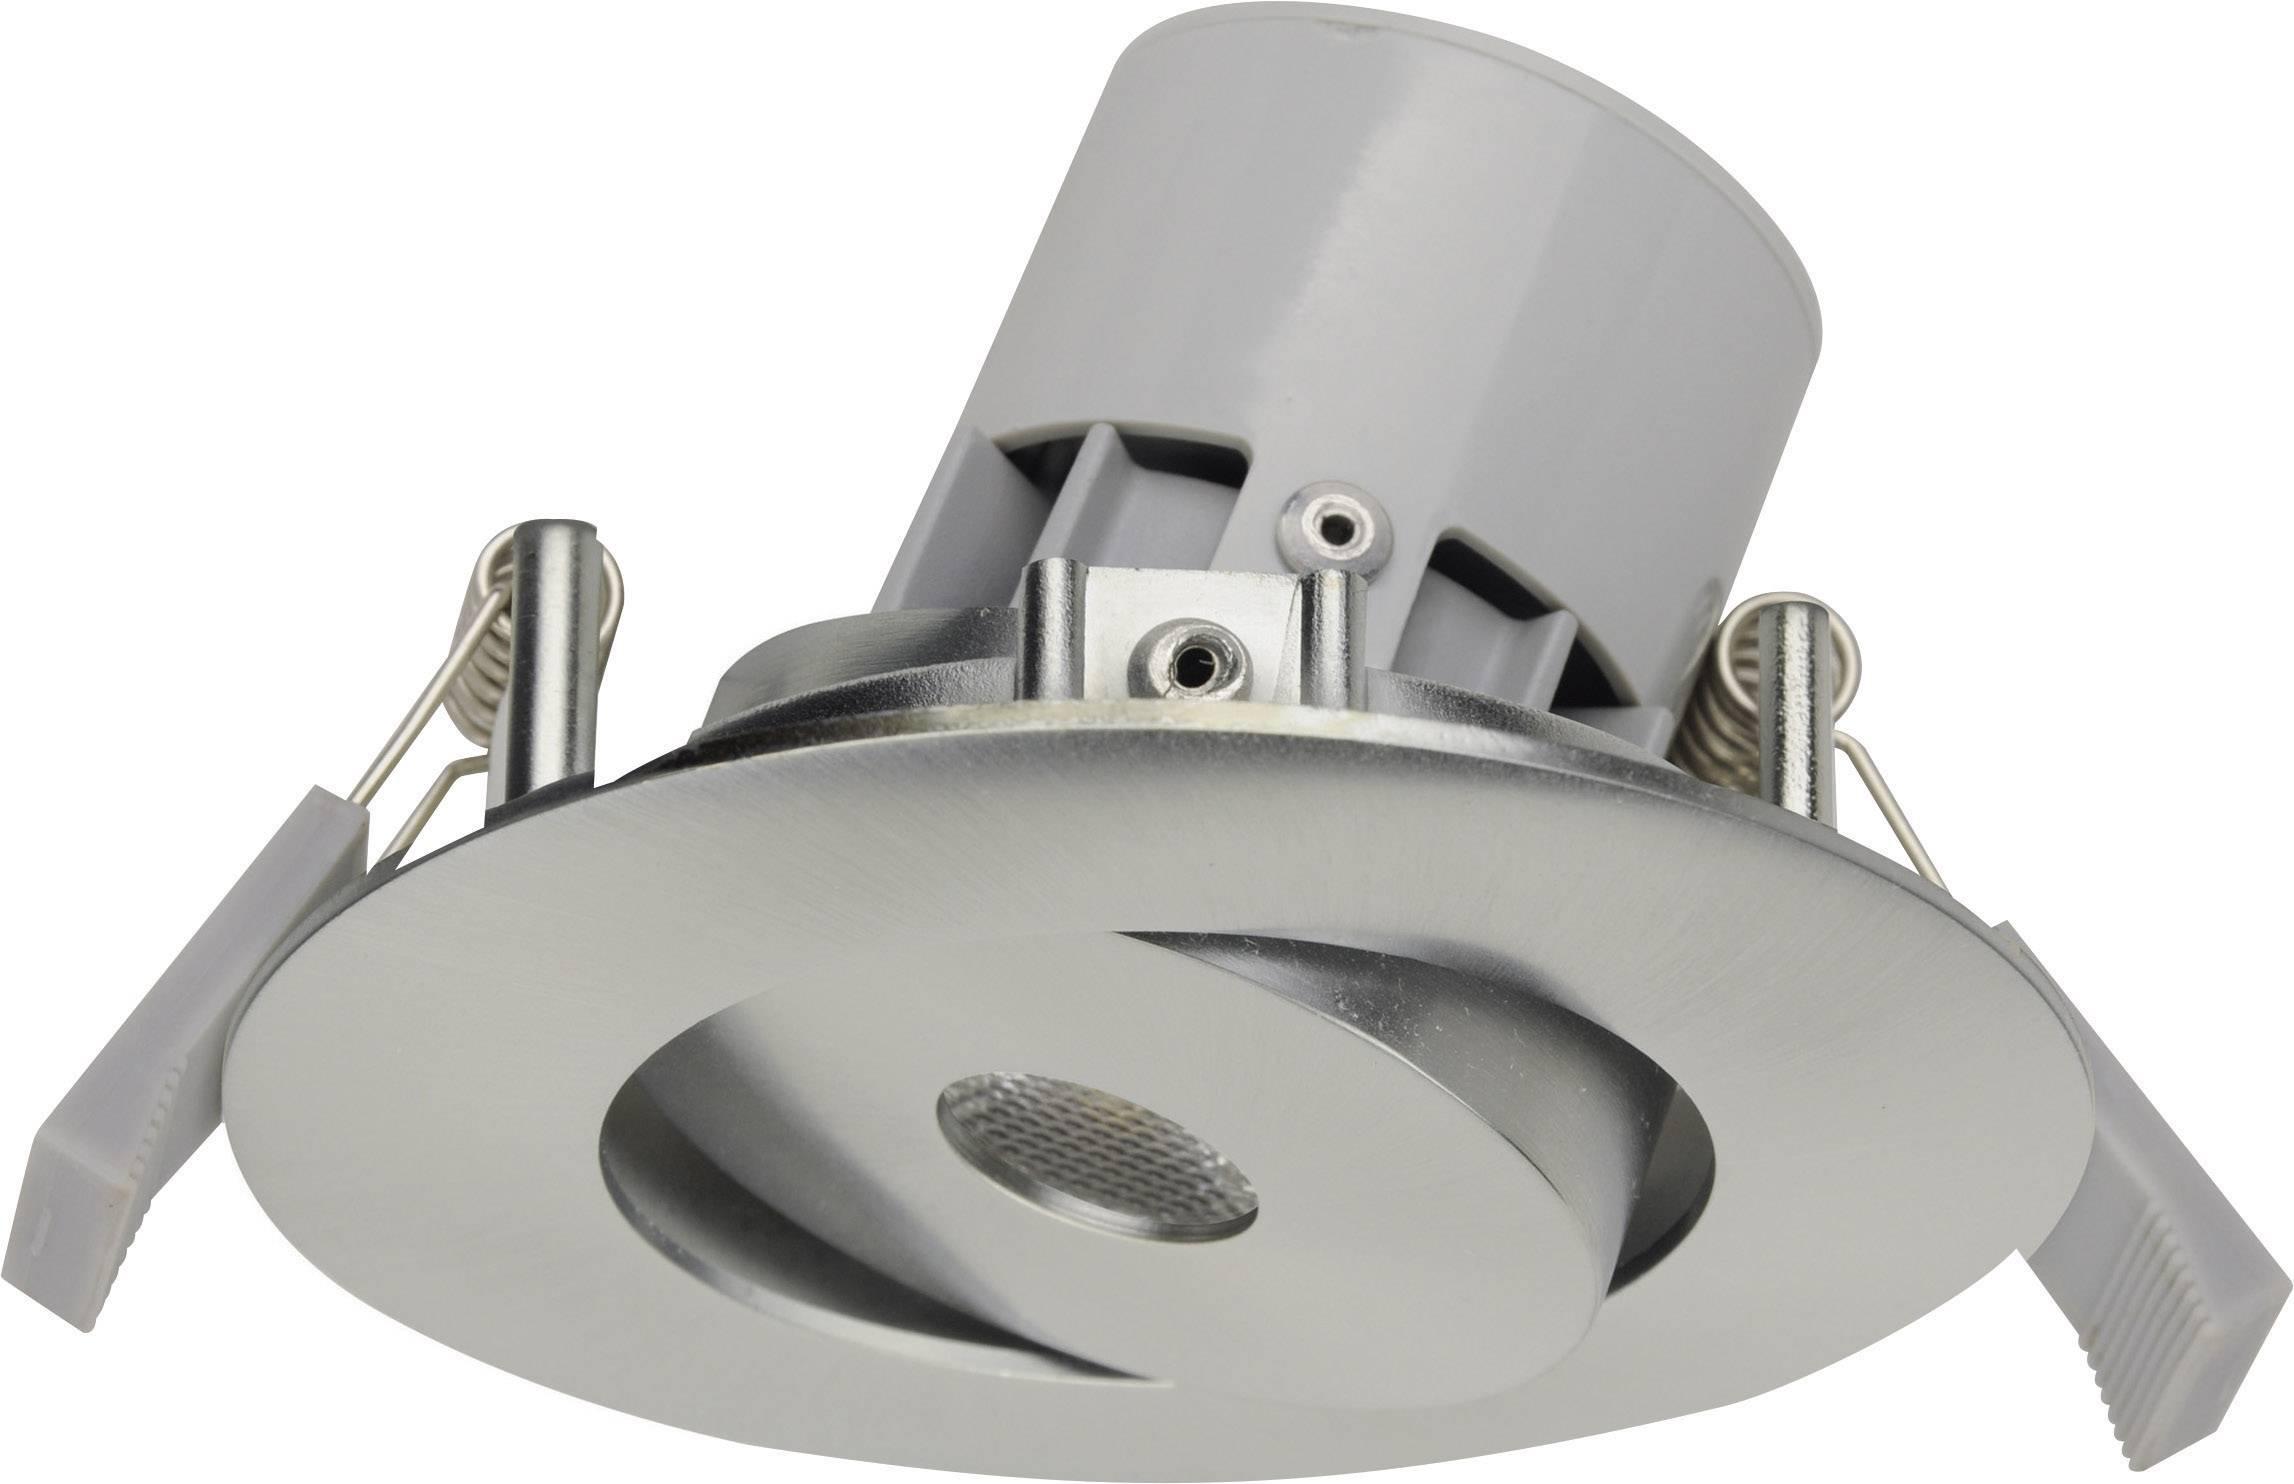 Vestavné LED osvětlení JEDI Lightning Integra S50 JE12617, hliník